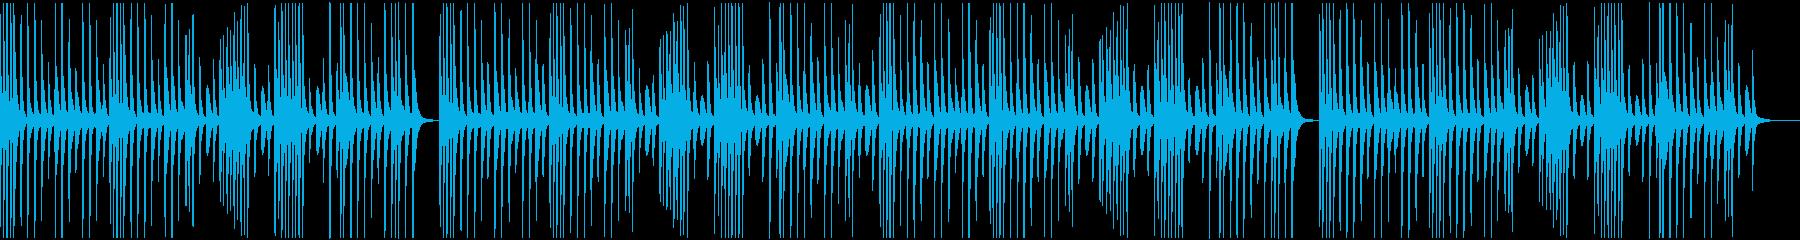 ほのぼの・マリンバ・優しい・かわいいの再生済みの波形